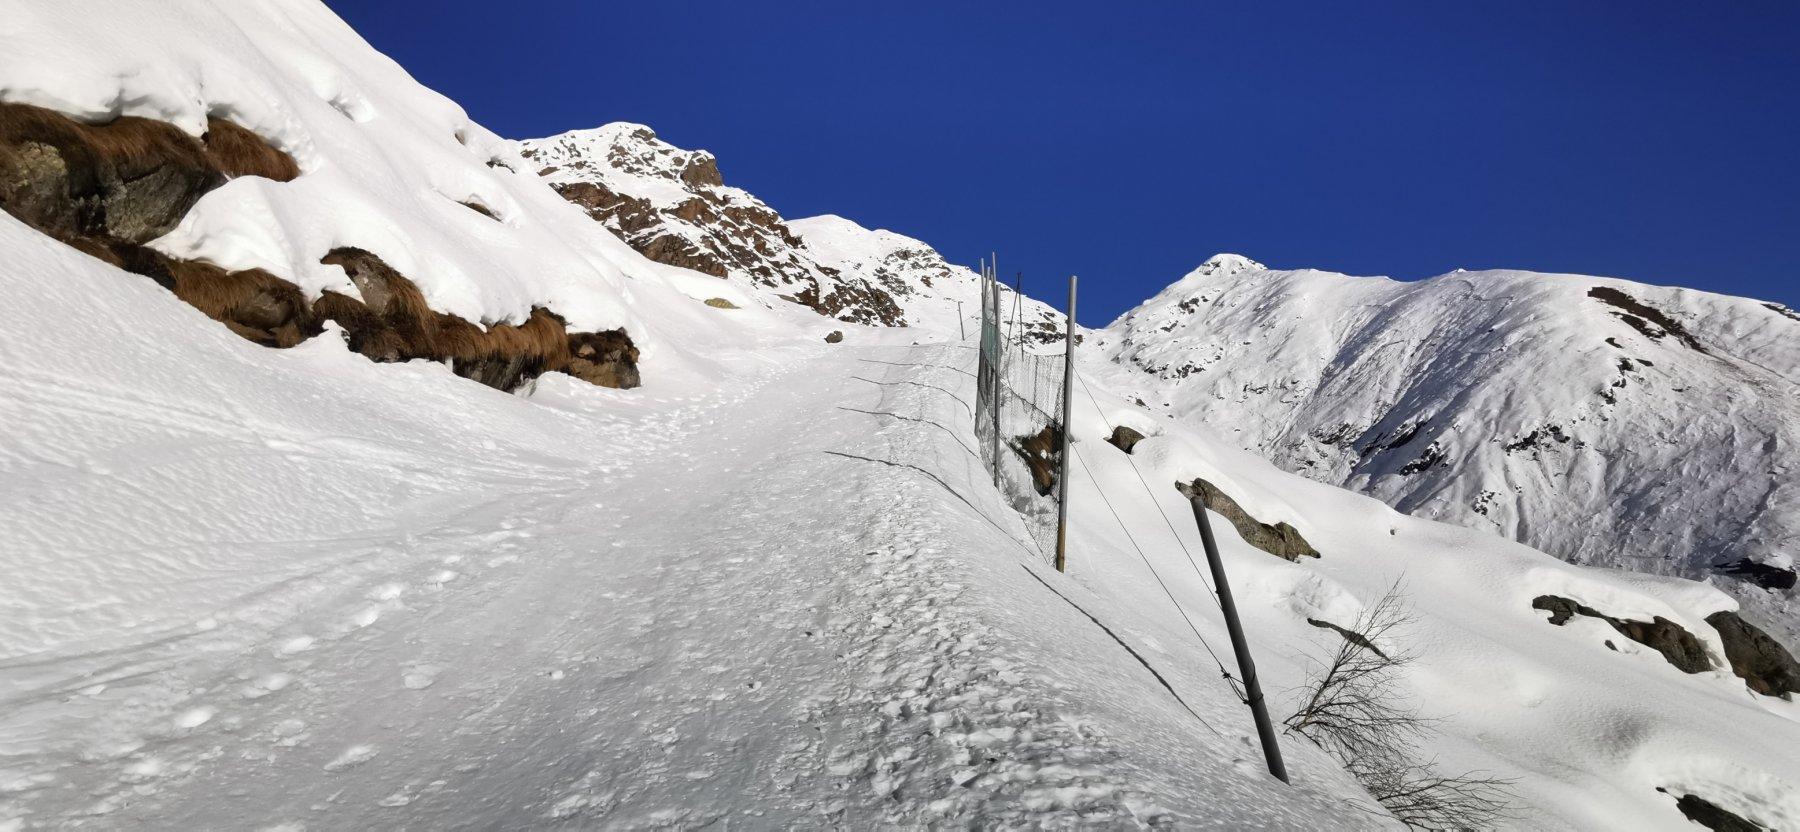 seguendo la pista Busancano su neve ottima, tutta da salire con i ramponi ai piedi